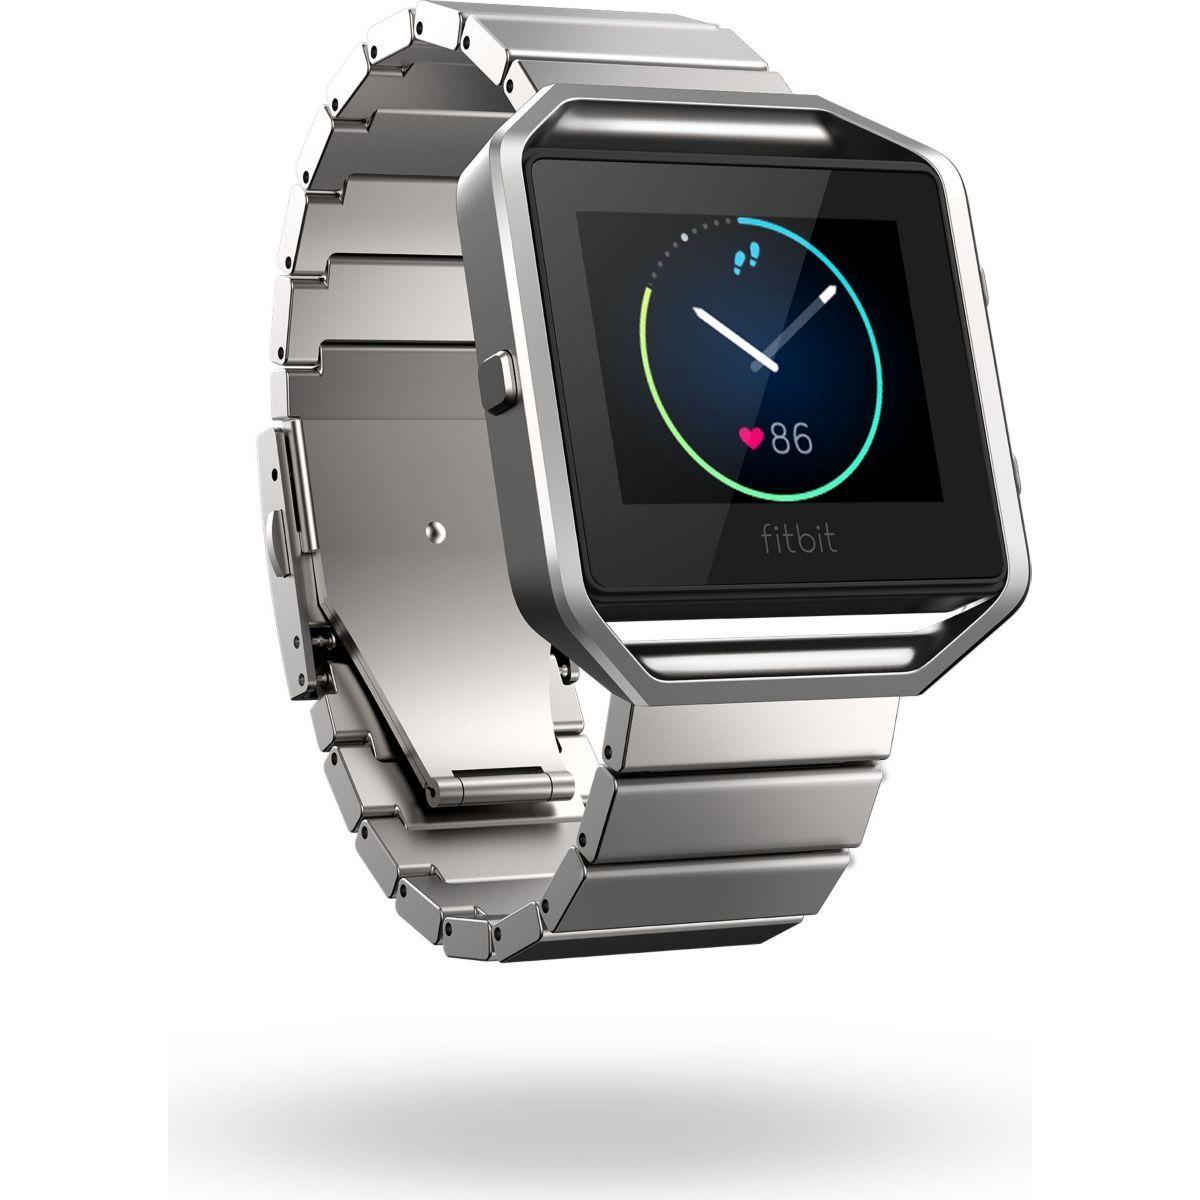 Accessoire fitbit bracelet blaze metal silver - 15% de remise immédiate avec le code : cool15 (photo)